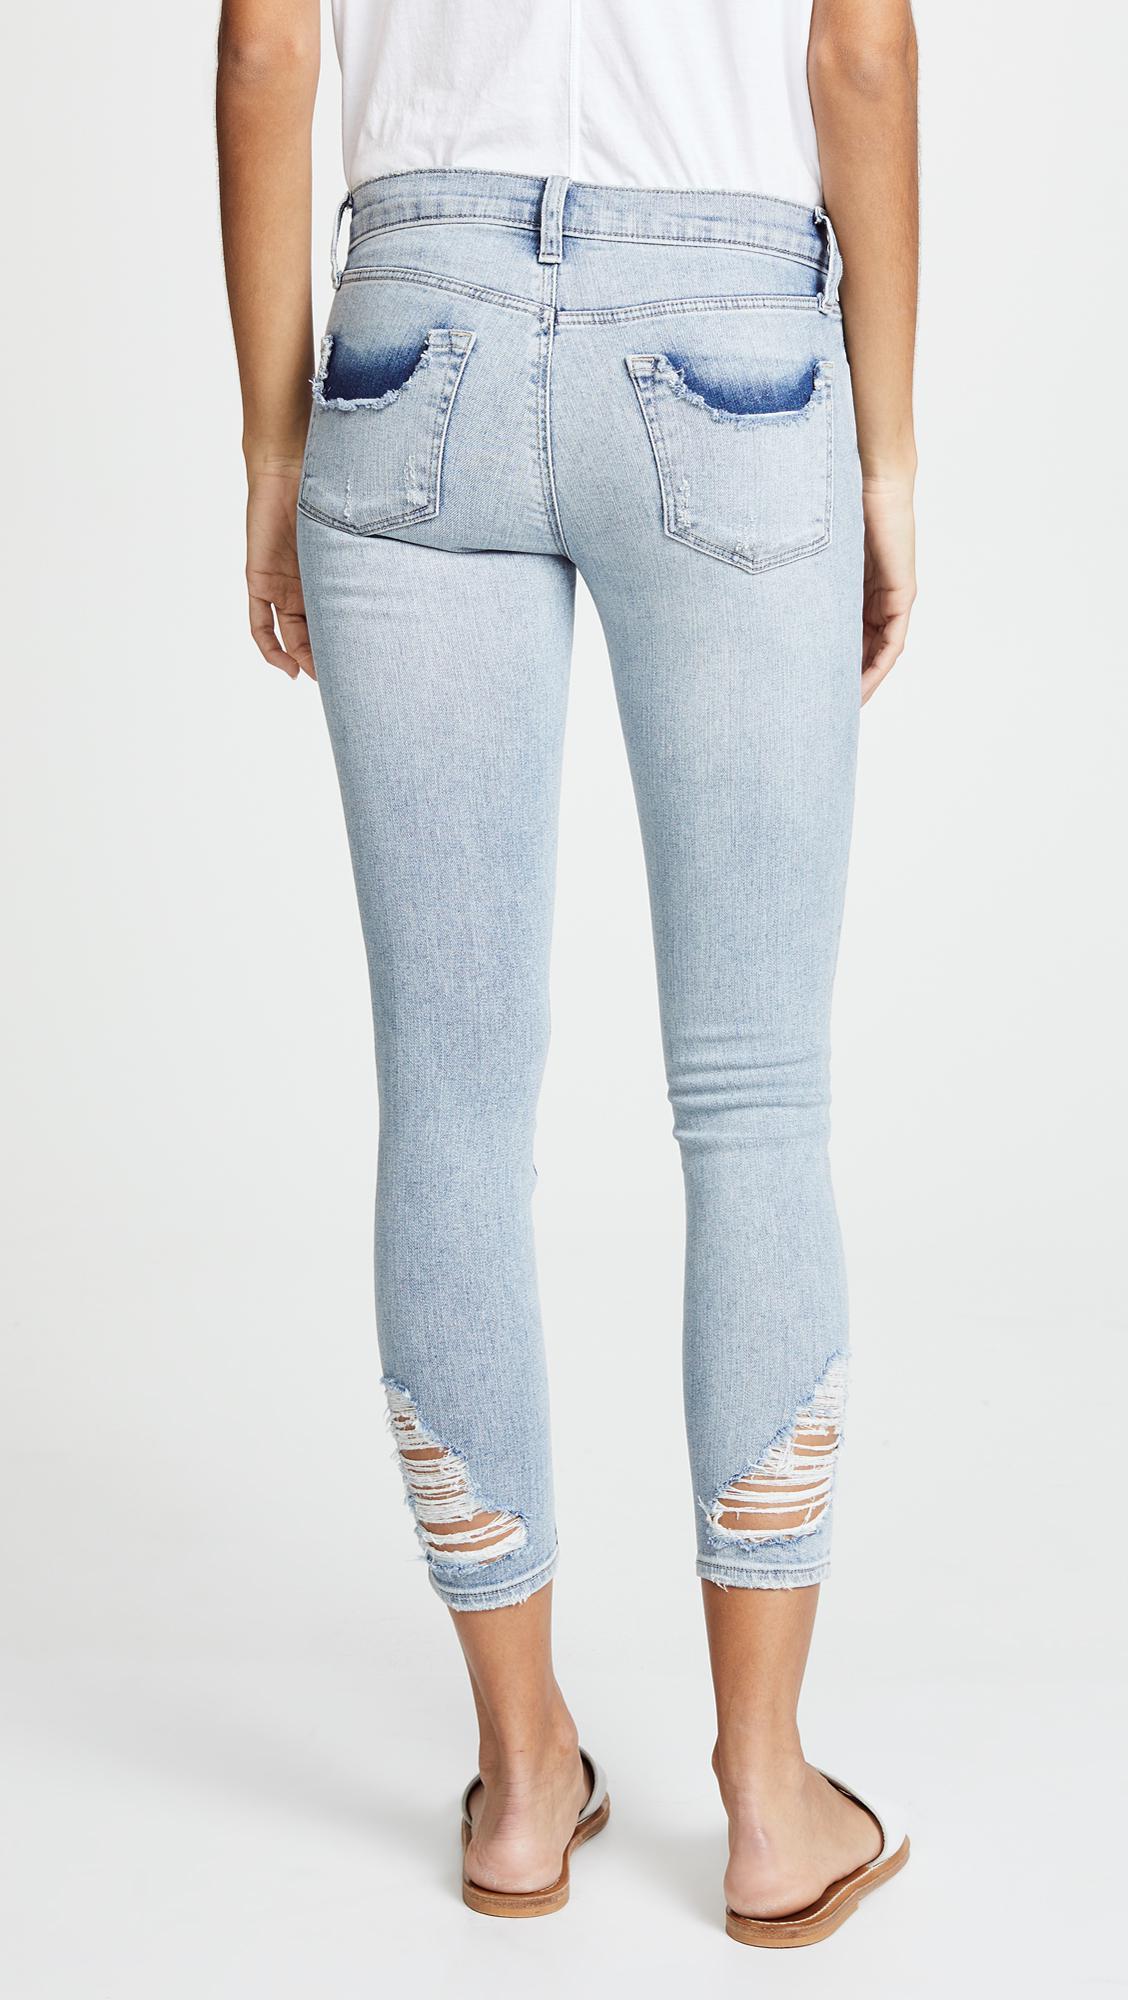 J Brand Denim 9326 Cropped Skinny Jeans in Blue